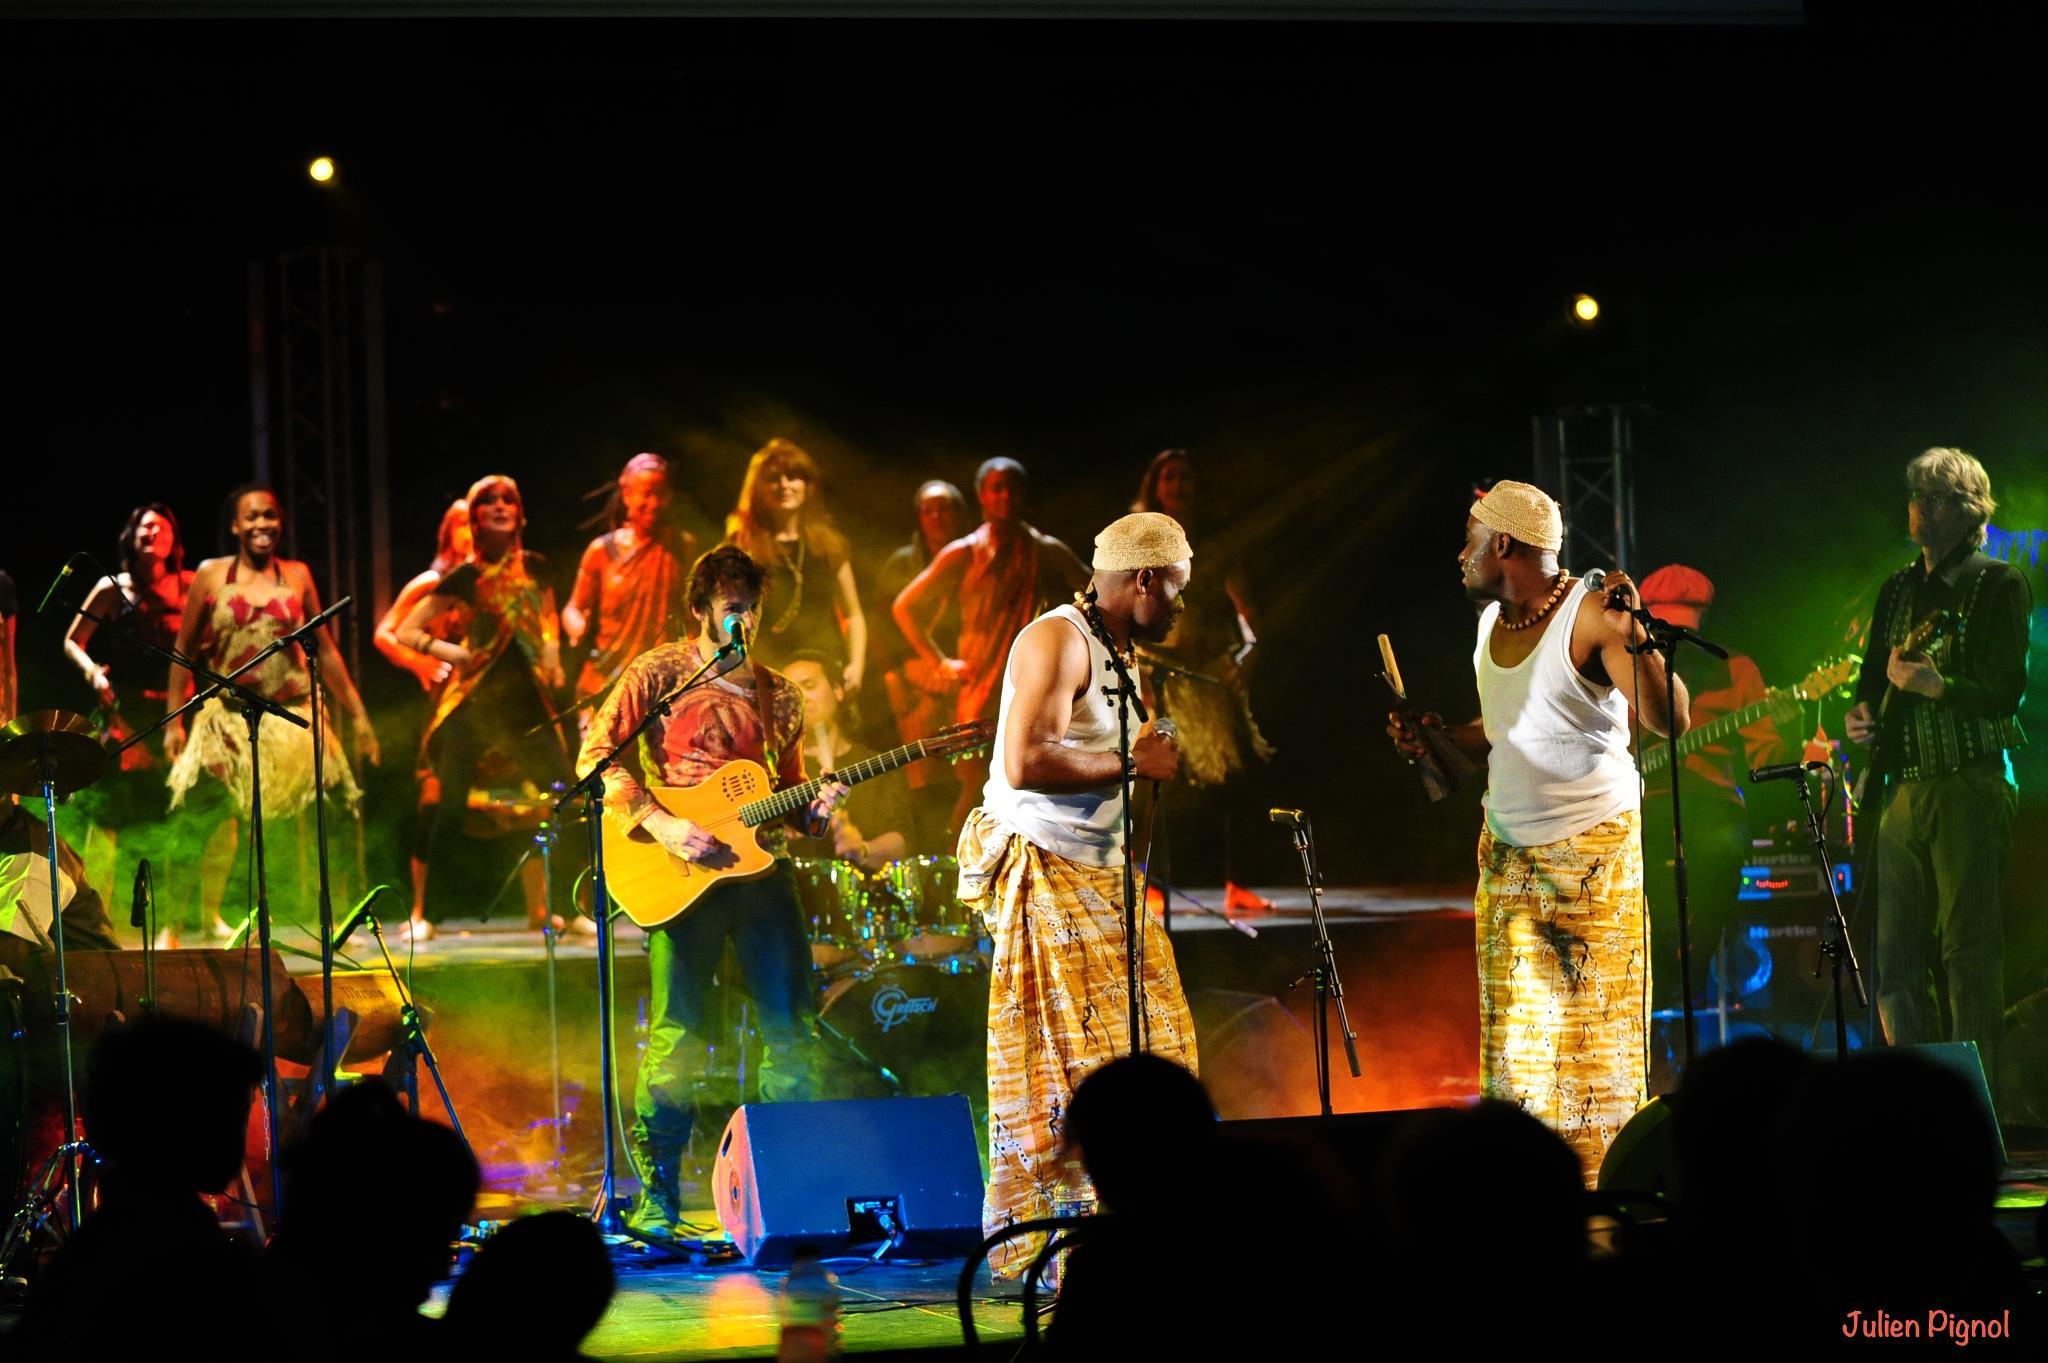 Les Jumeaux de MASAO (Masao Masu) in concert at Villeneuve le roi   . Photo : Julien Pagnol